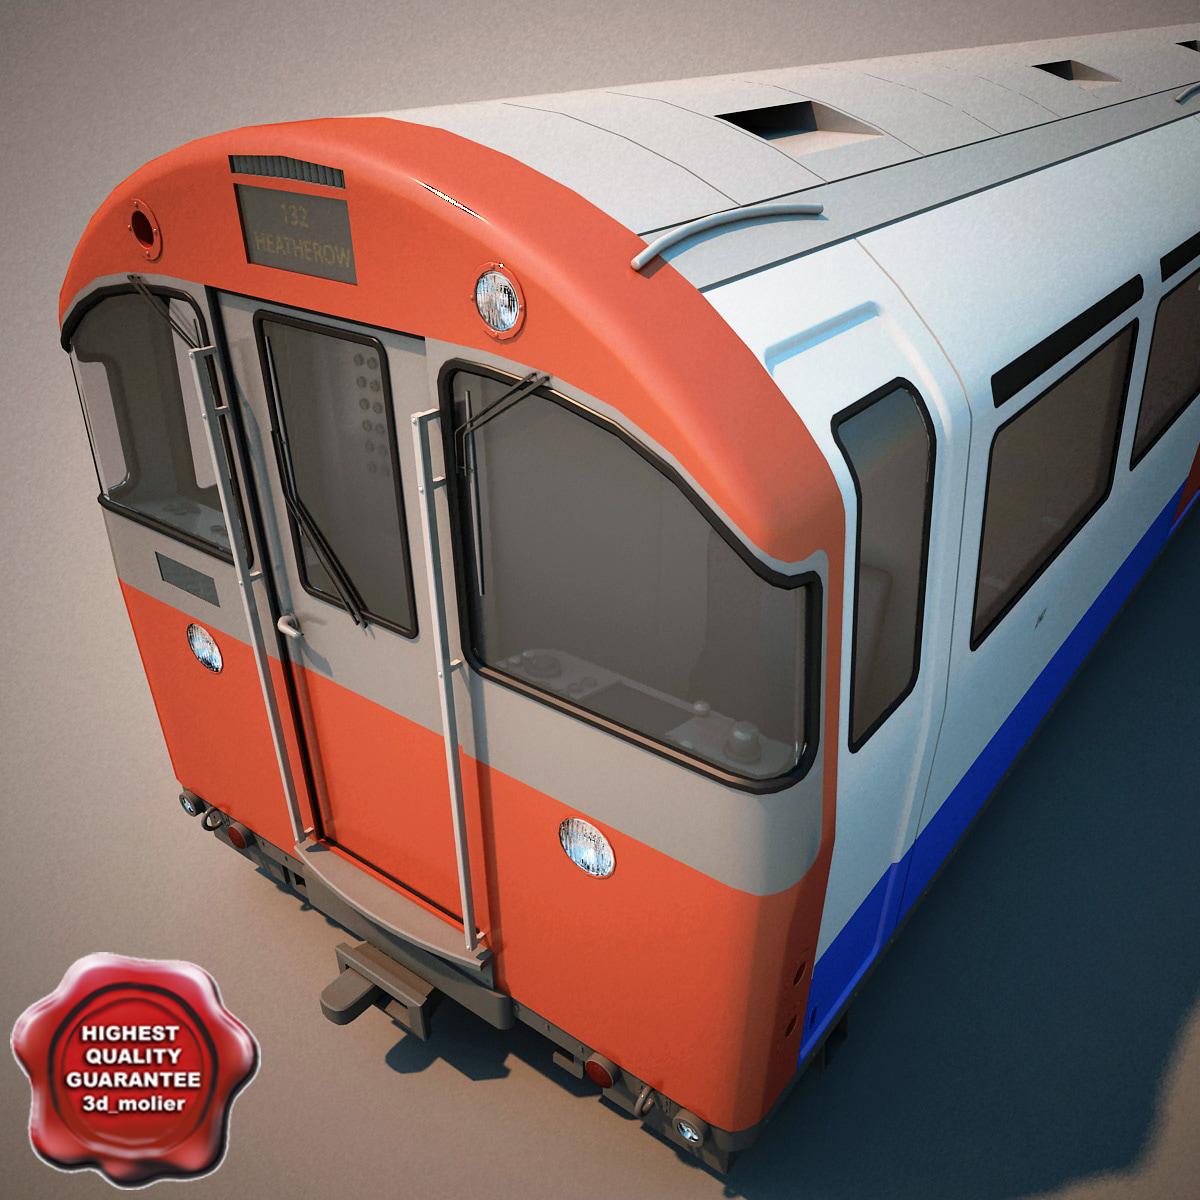 London_Underground_Train_00.jpg